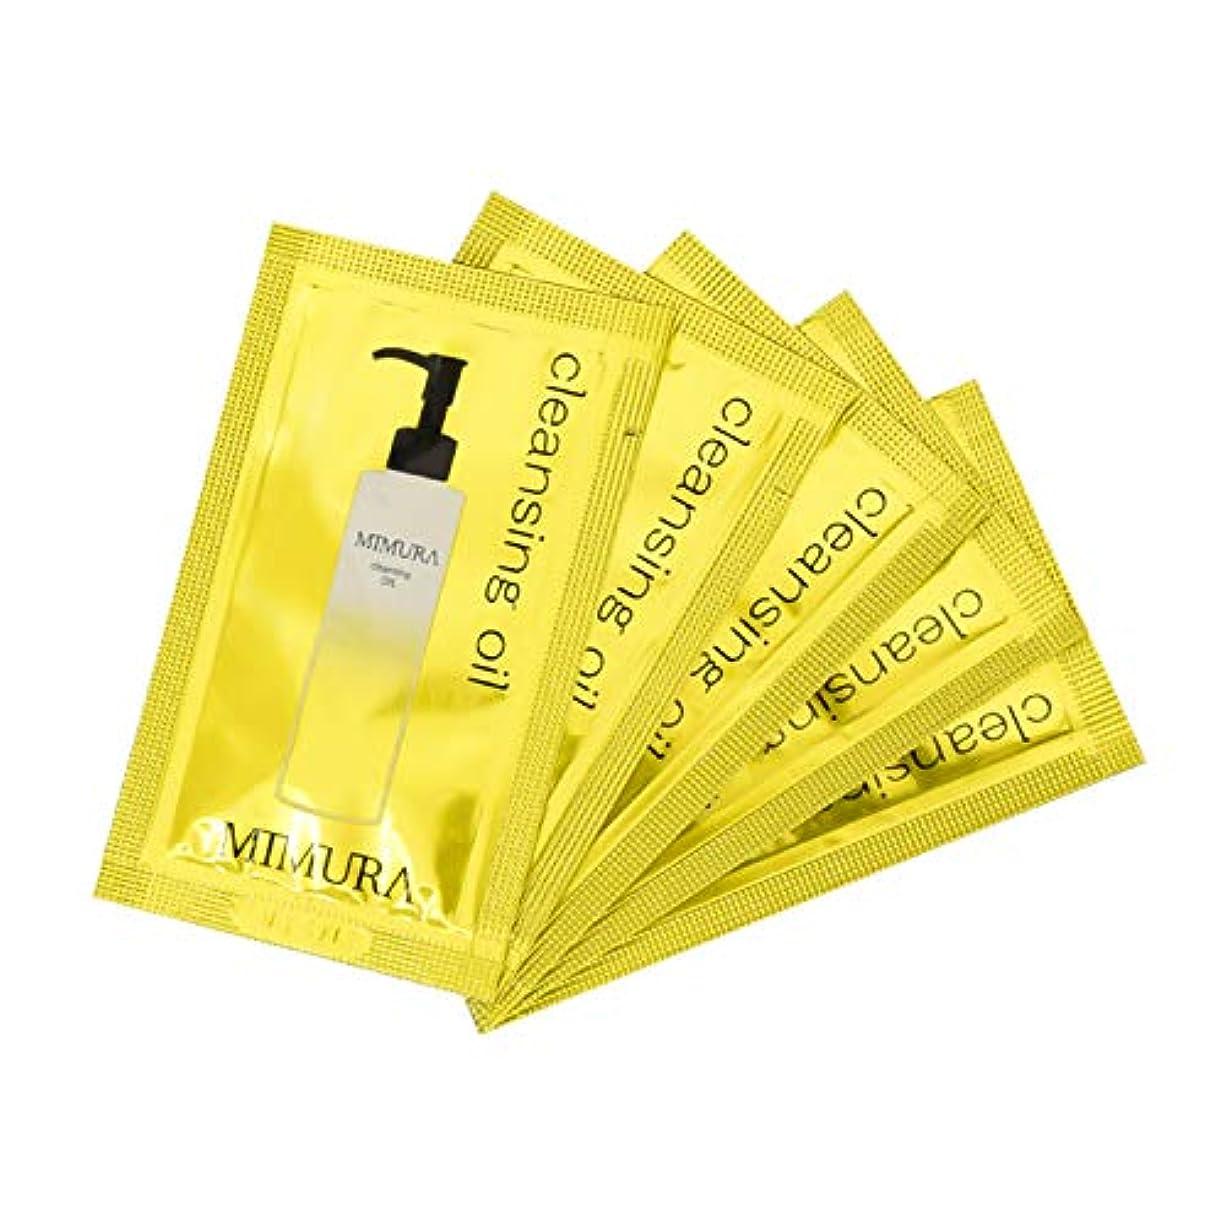 評価可能情緒的天窓メイク落とし W洗顔不要 まつエク対応 ミムラ クレンジング オイル 試供品 5個入り ゆうパケット(ポスト投函)での発送となります。 MIMURA 日本製 ※おひとり様1点までとなります。